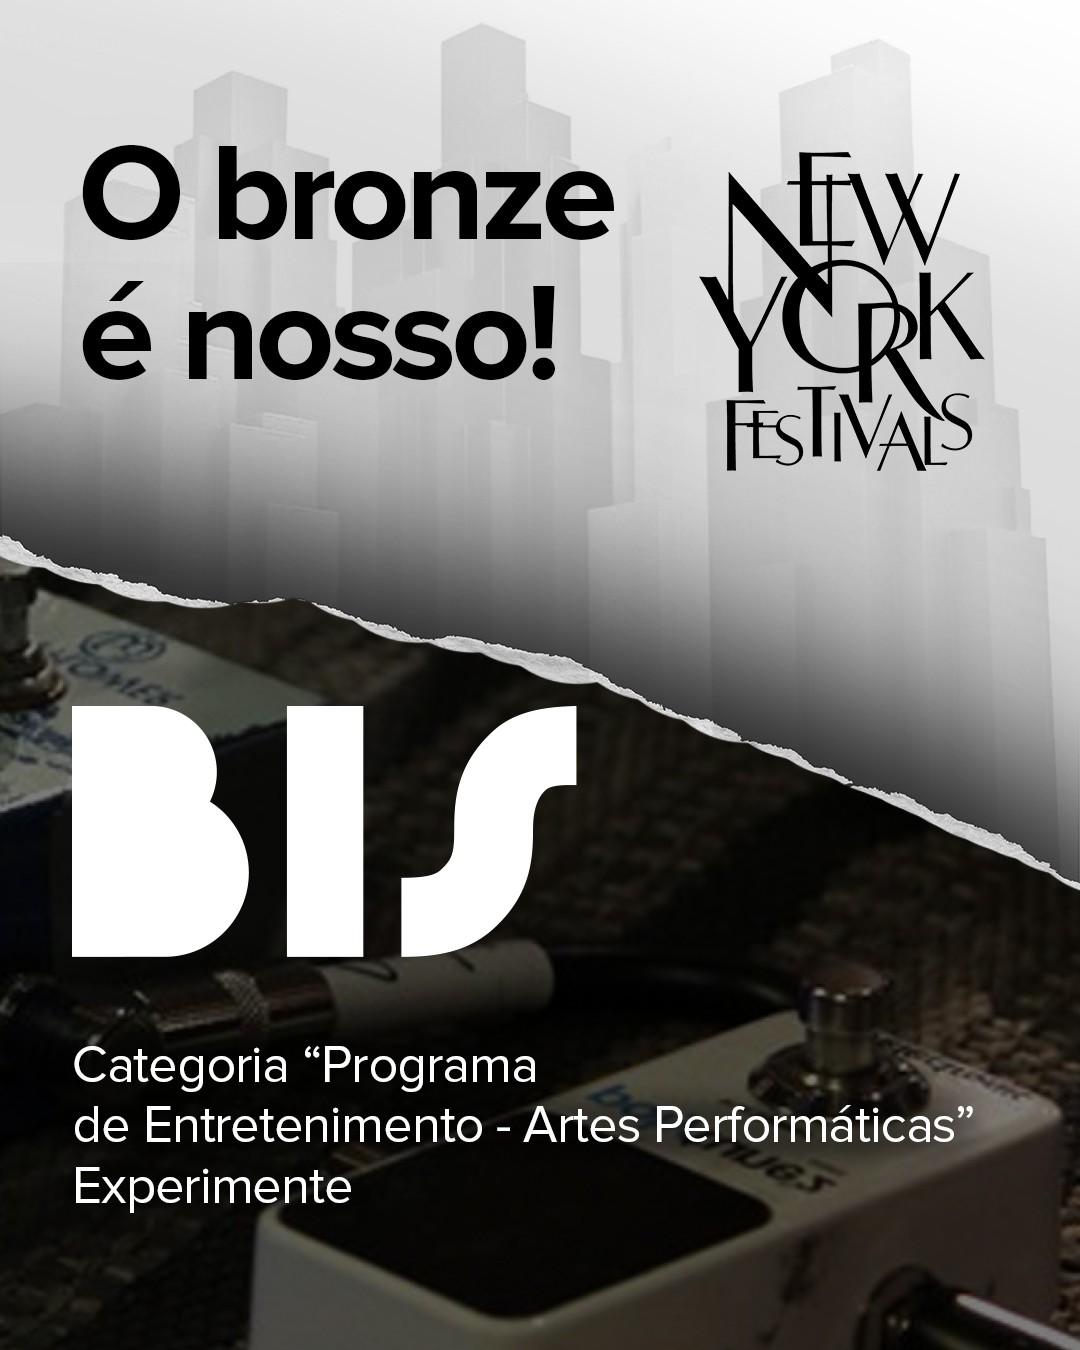 O BIS levou o bronze na categoria 'Programa de Entretenimento - Artes Performticas' com 'Experimente' (Foto: Divulgao)